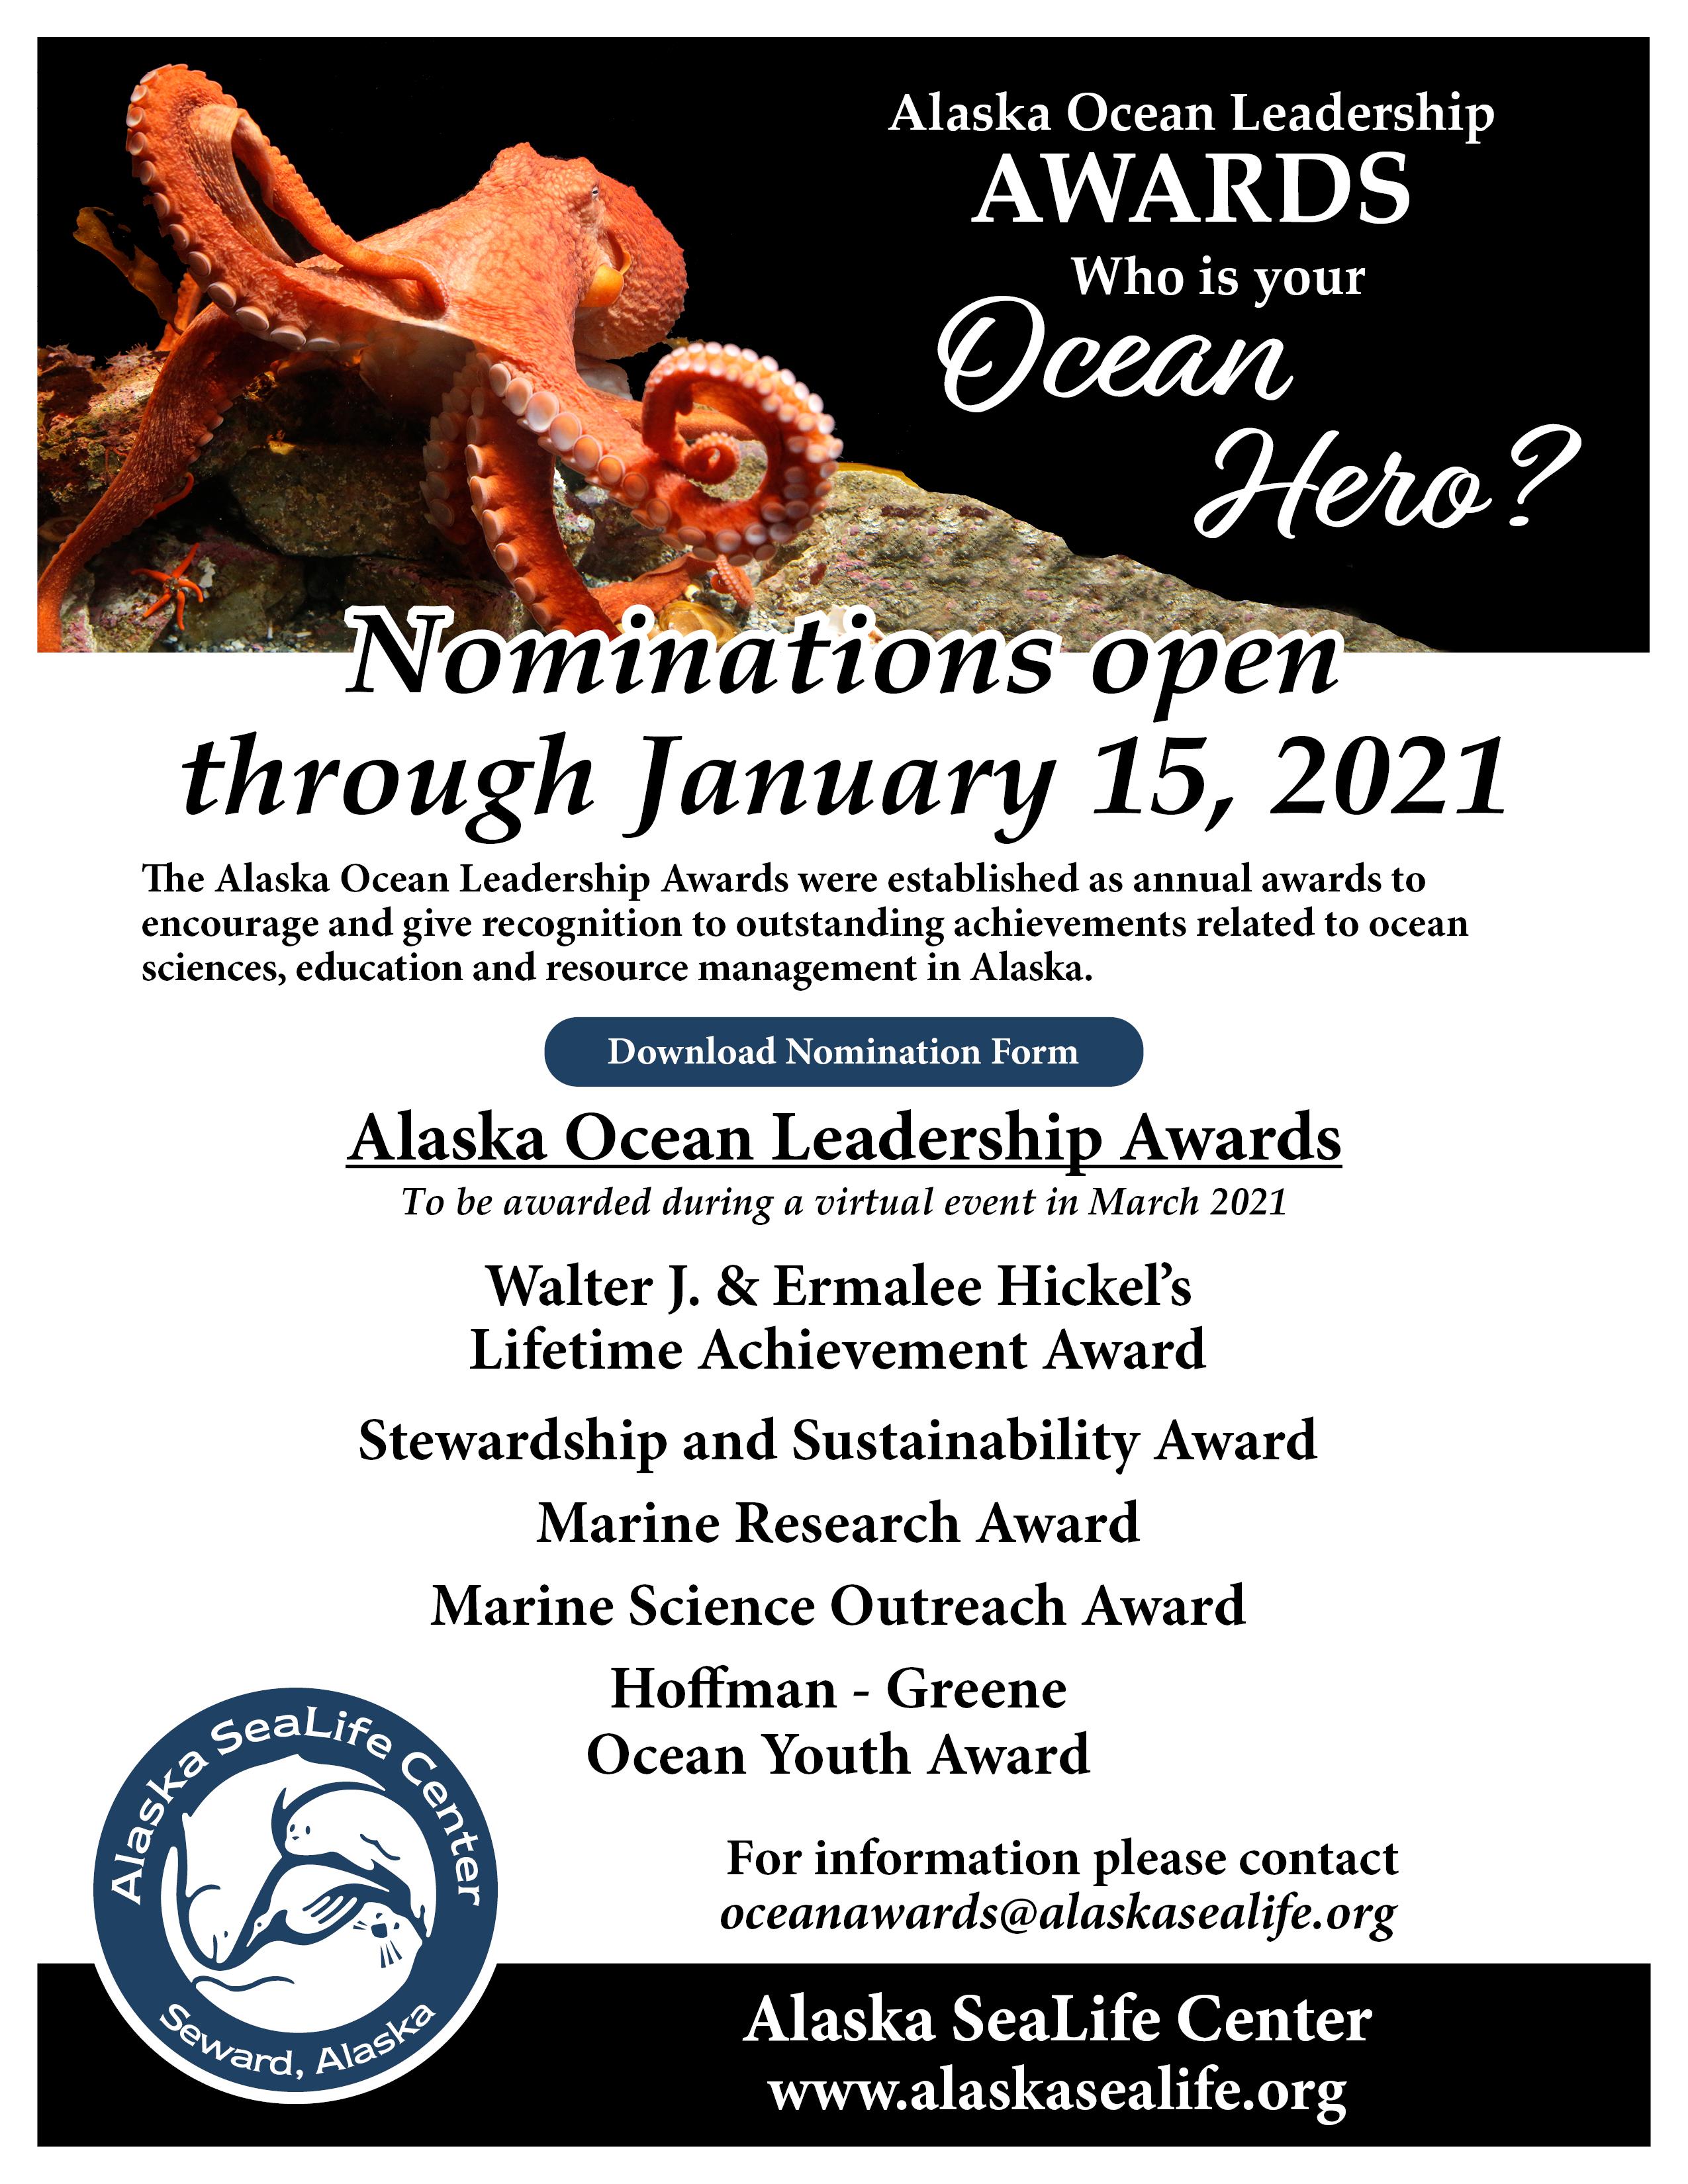 Who is your Ocean Hero? Alaska Ocean Leadership Awards Nominations now open.